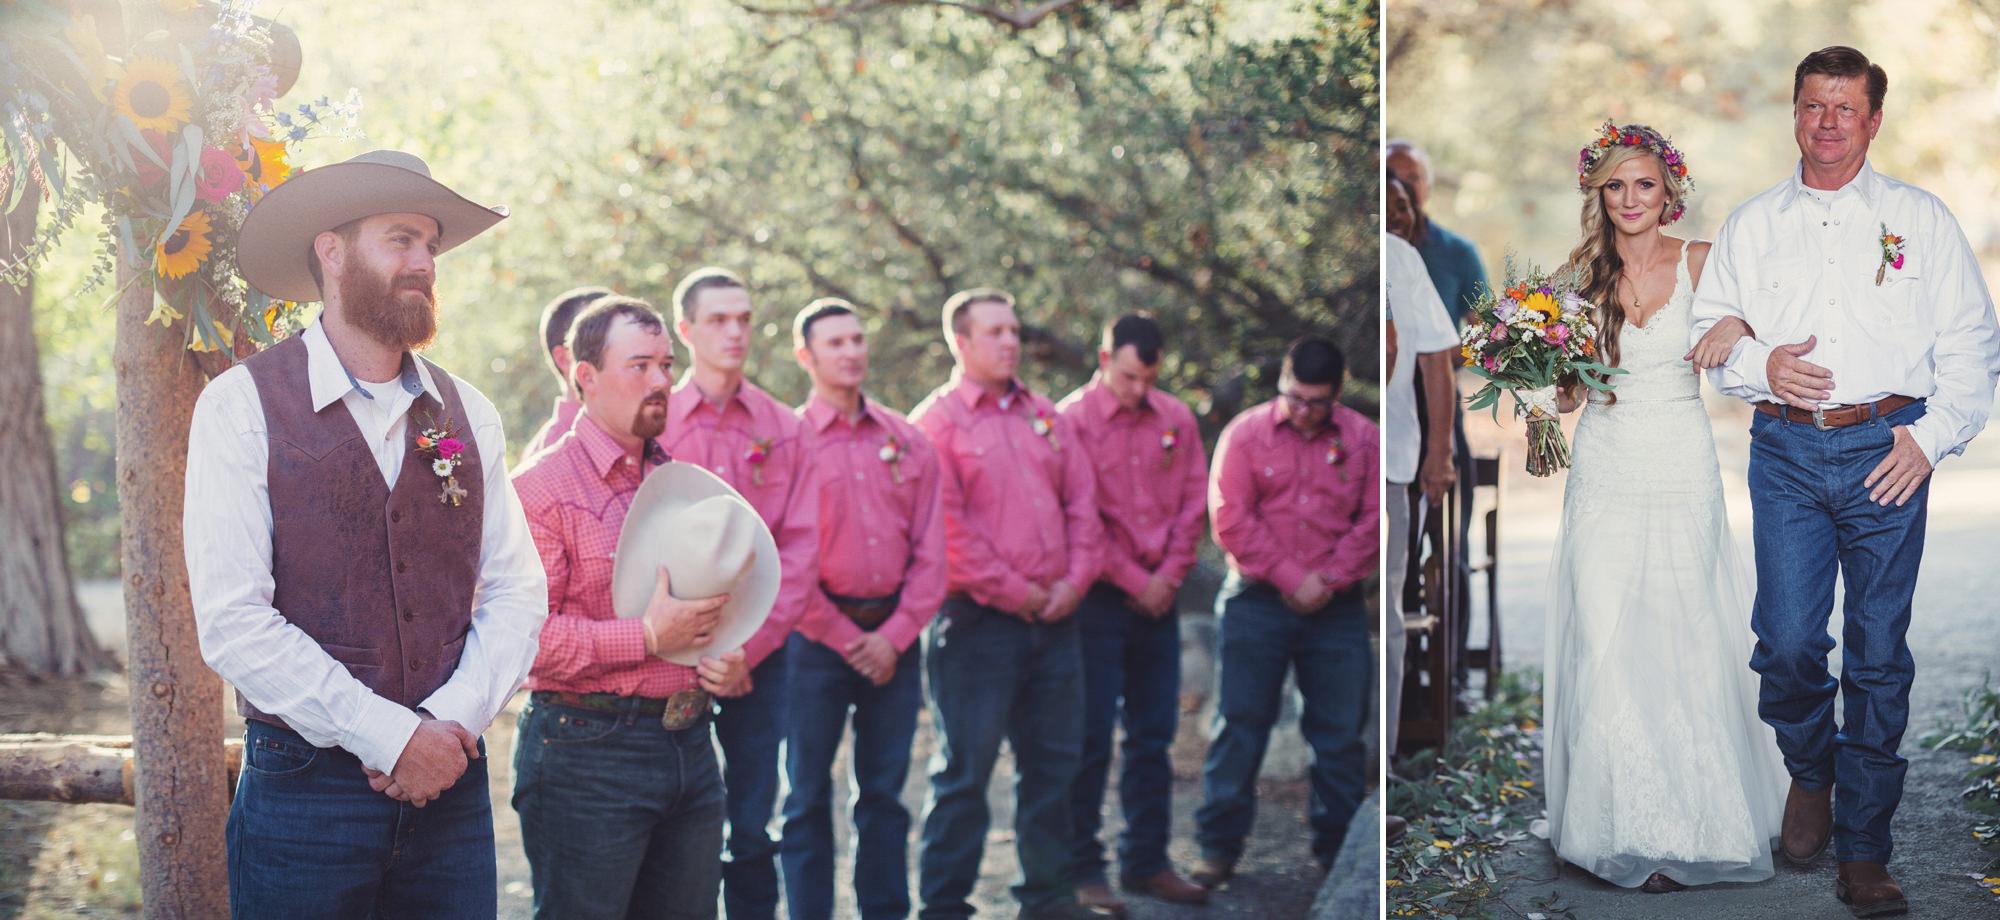 Rustic wedding in California ©Anne-Claire Brun 68